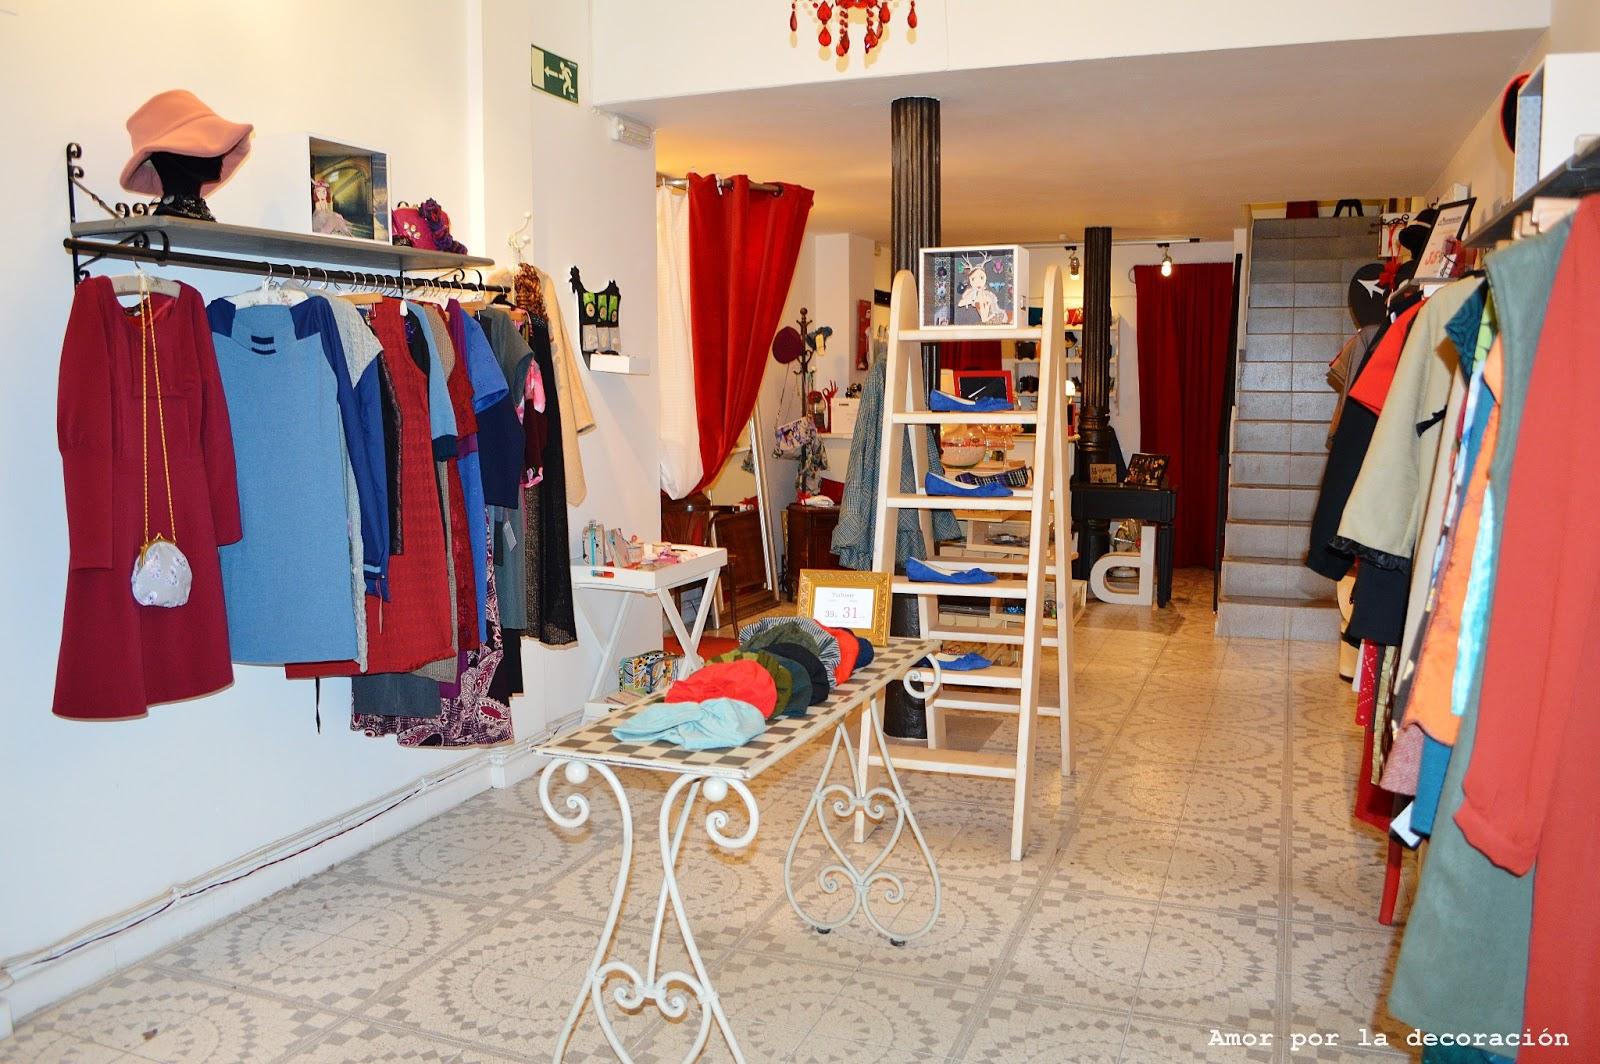 Amor por la decoraci n 11 01 2012 12 01 2012 for Decoracion de negocios de ropa